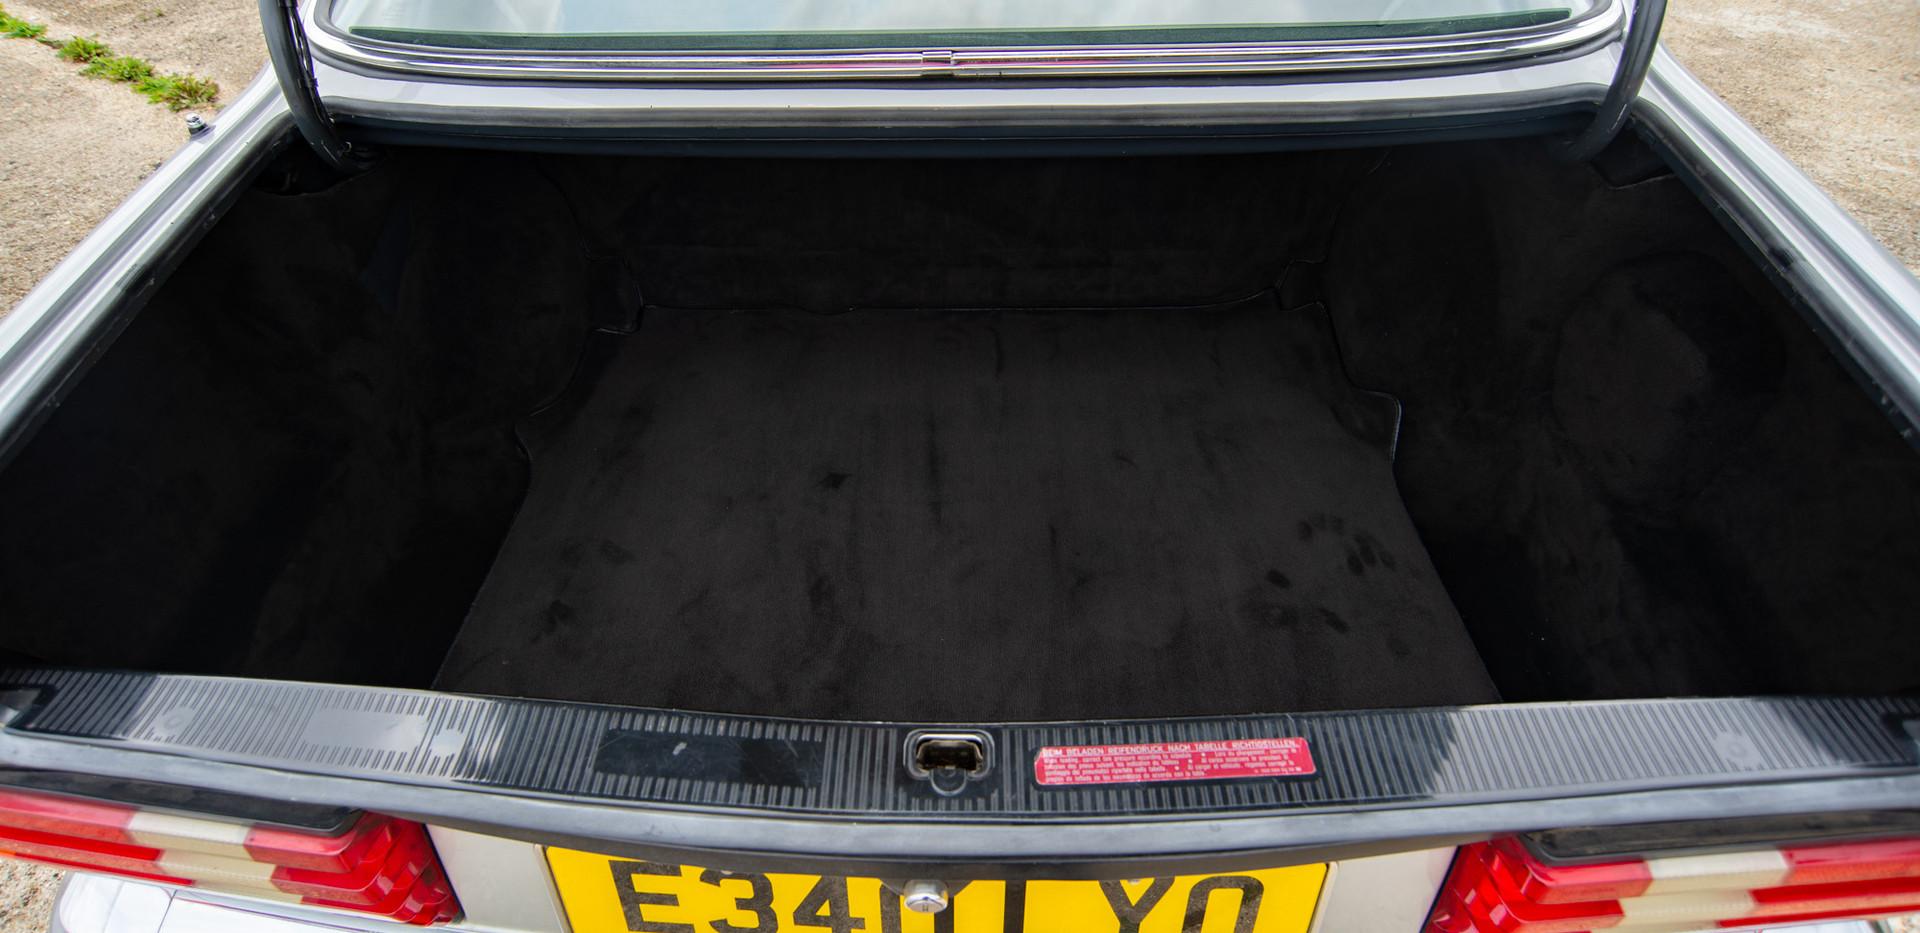 W126 420SEC - Uk for sale london-46.jpg